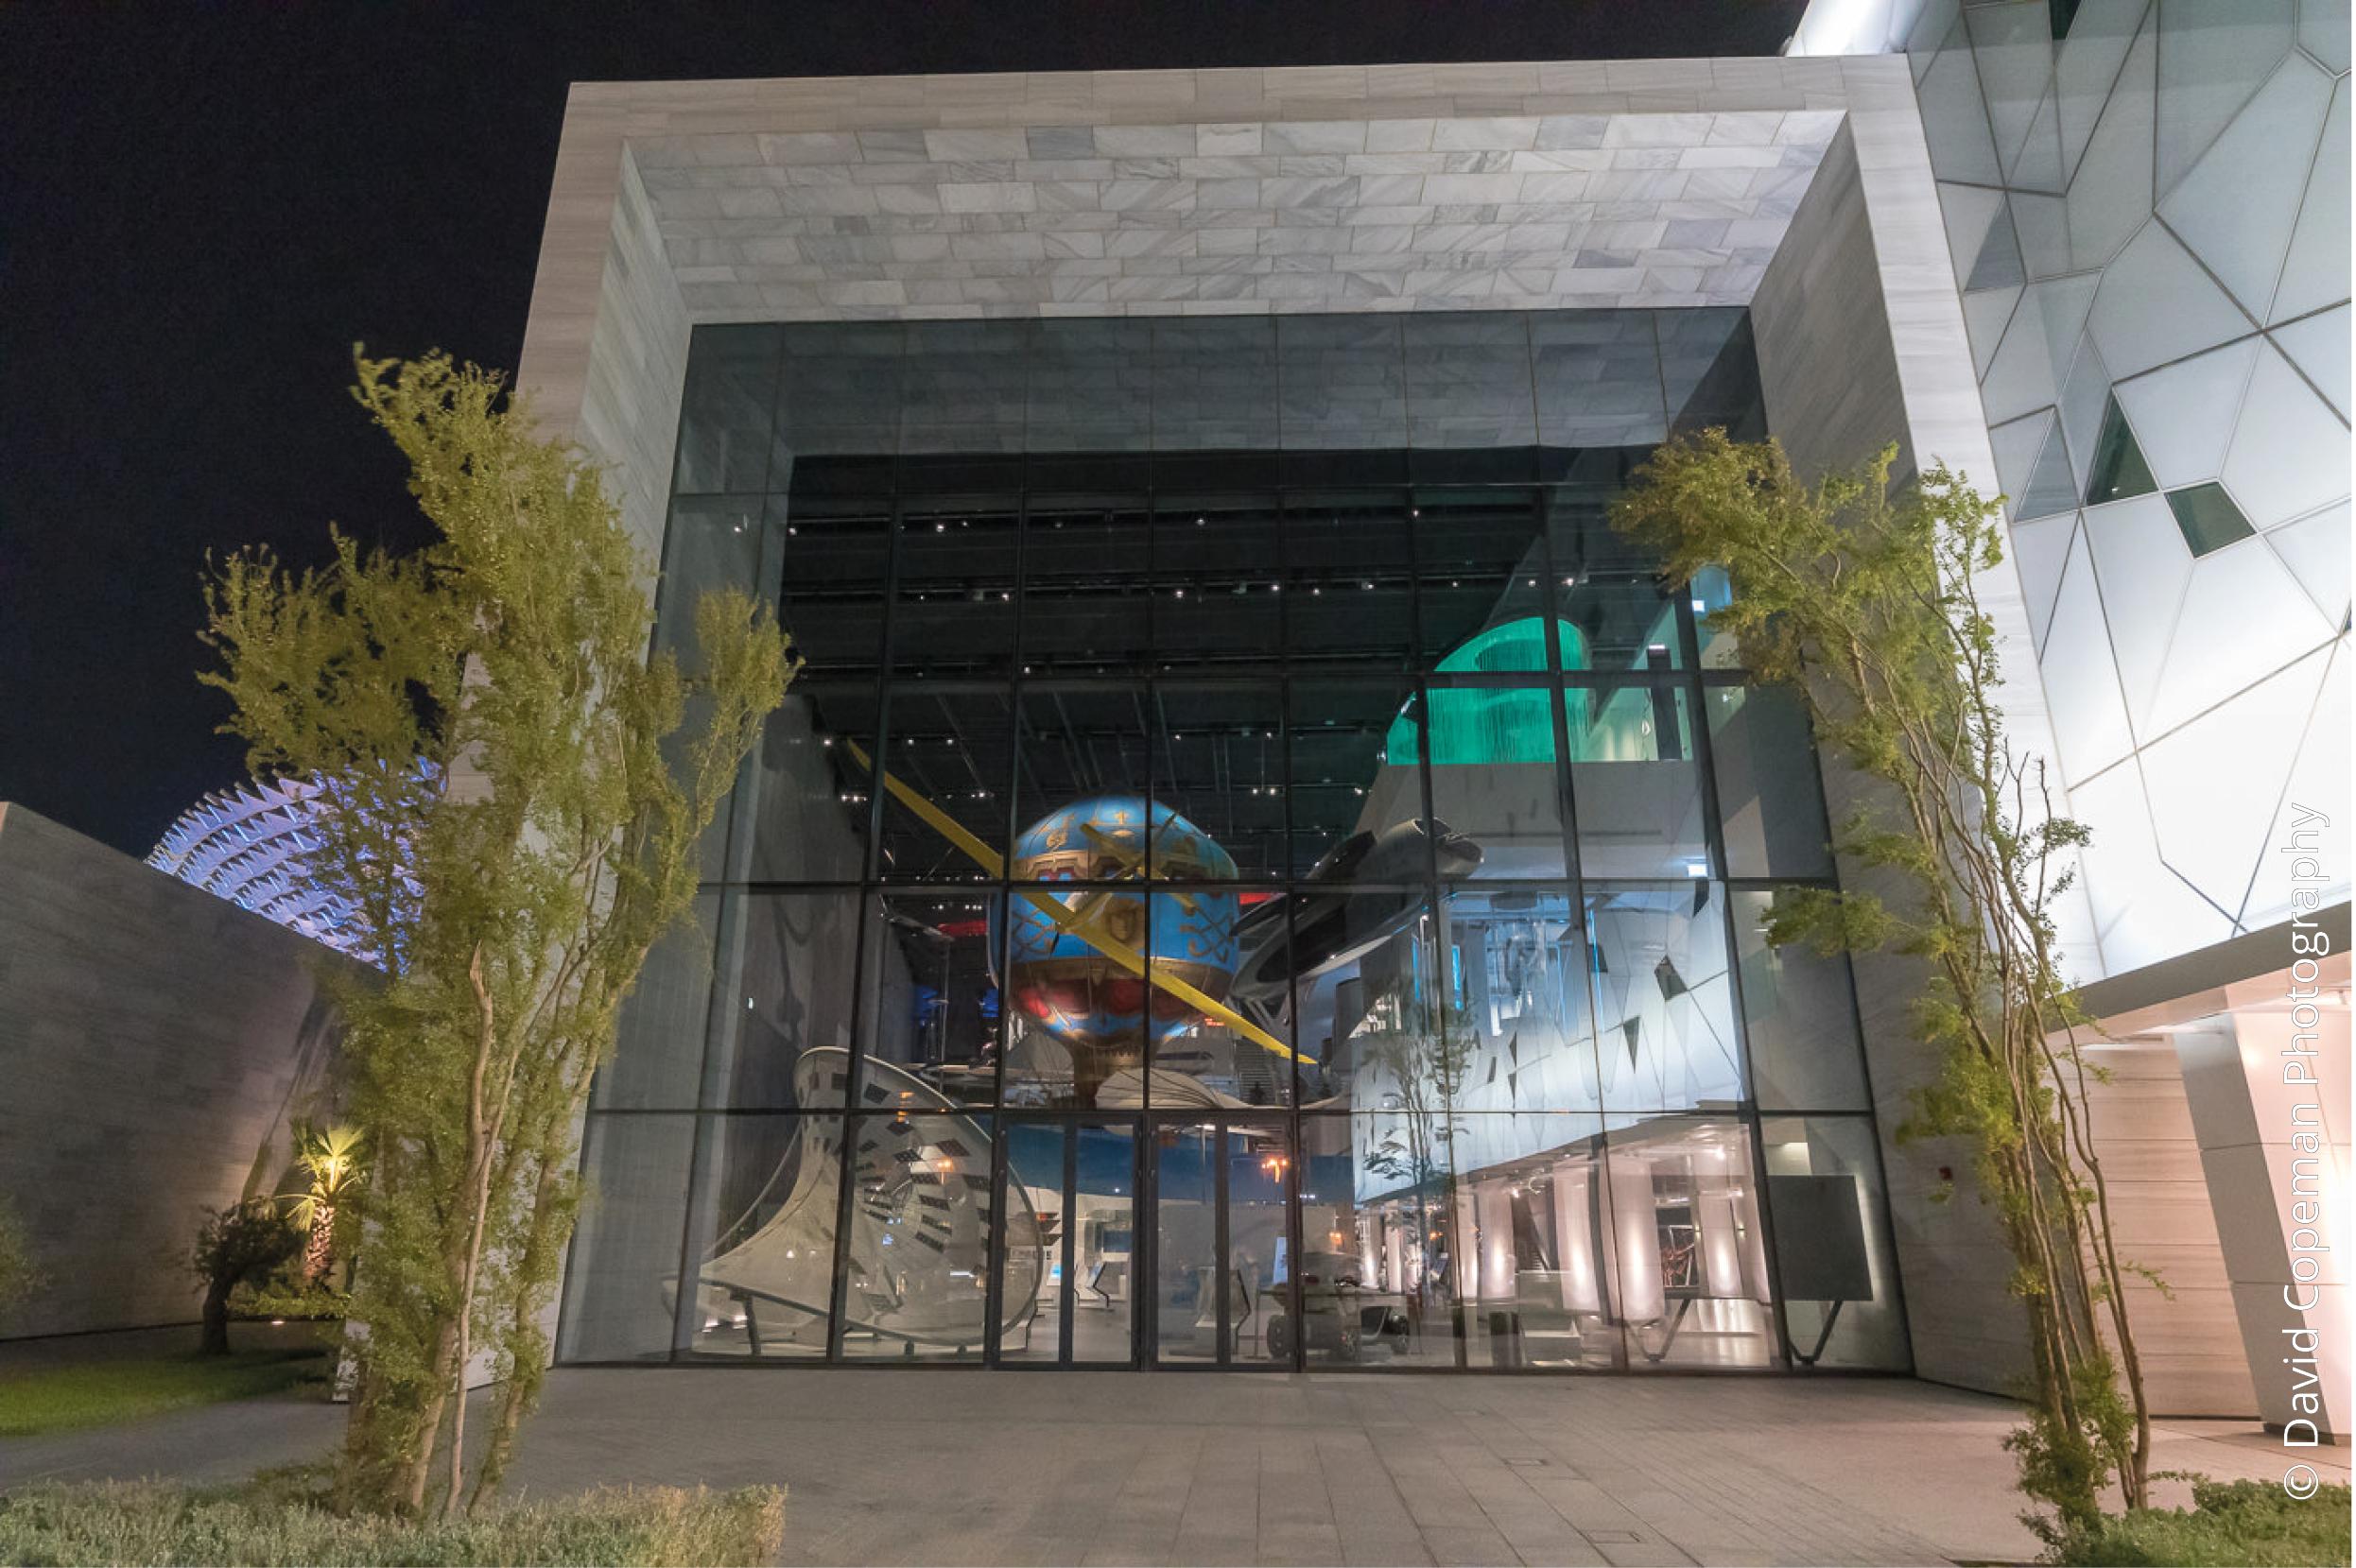 Sheikh Abdullah Al Salem Cultural Centre Public Realm © David Copeman Photography